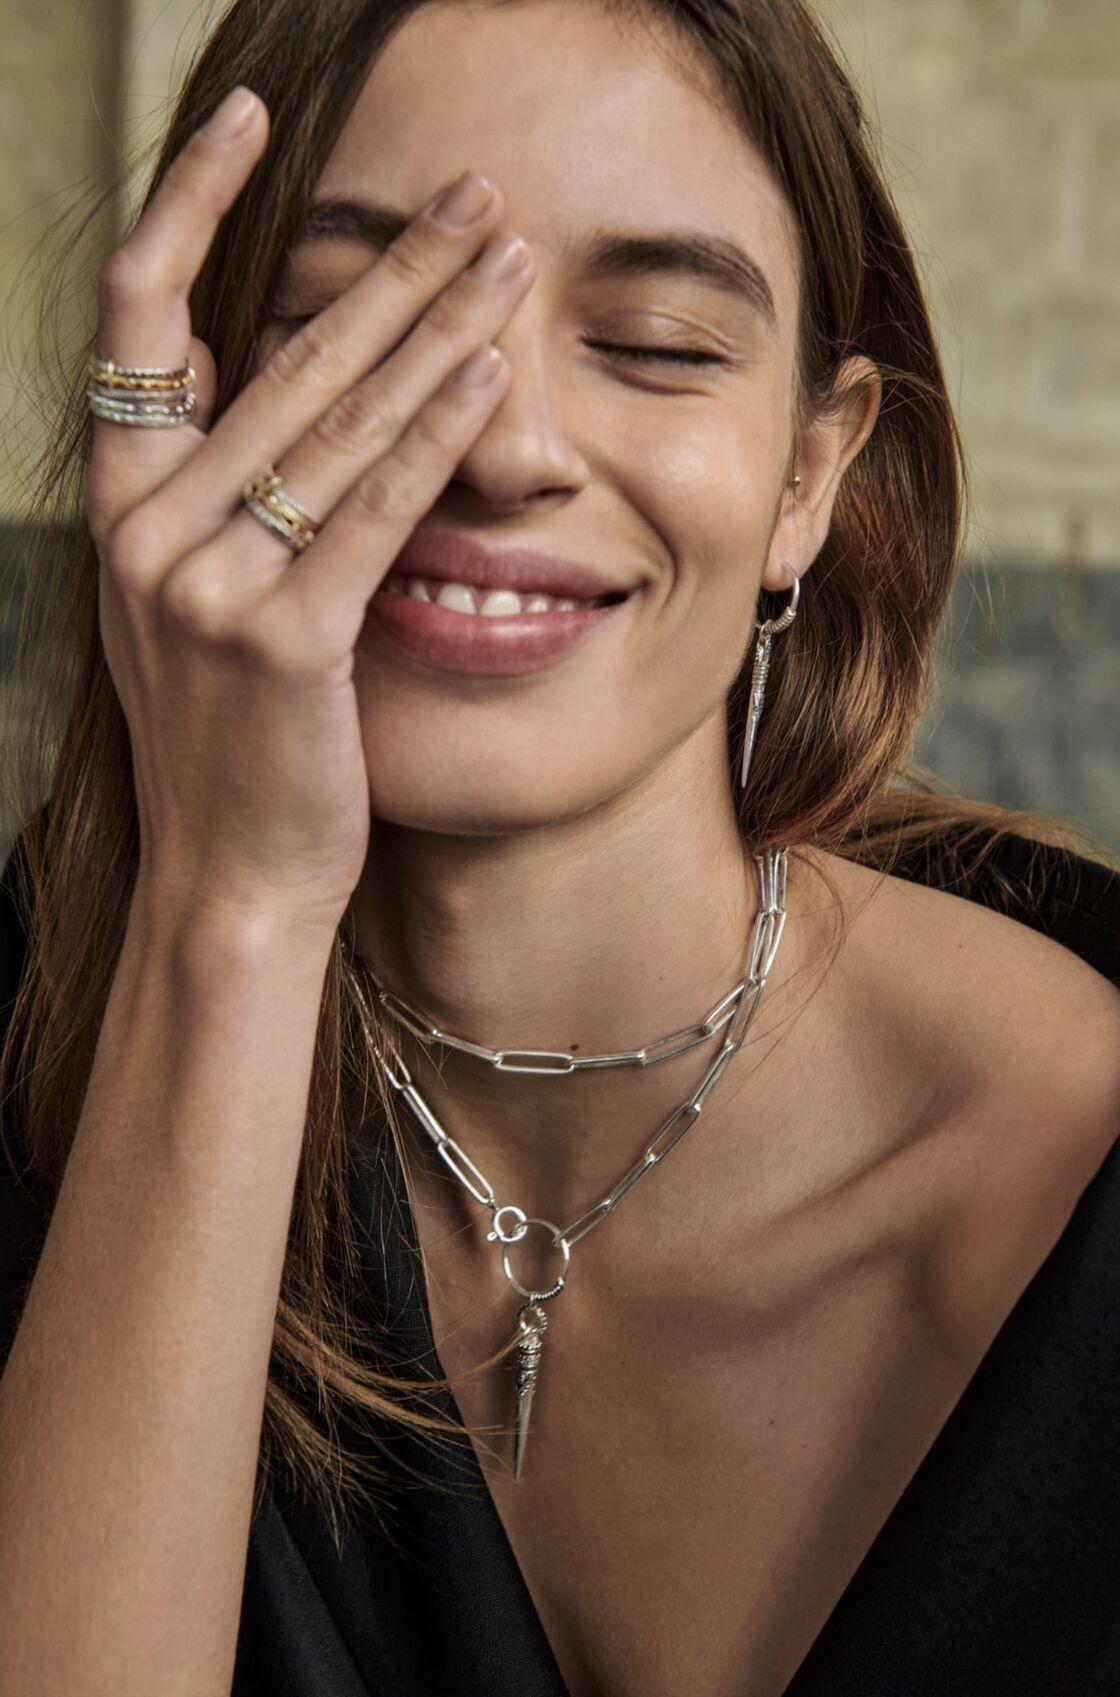 Ba&sh offre des créations attachantes et bohèmes, fidèle à son ADN de marque.